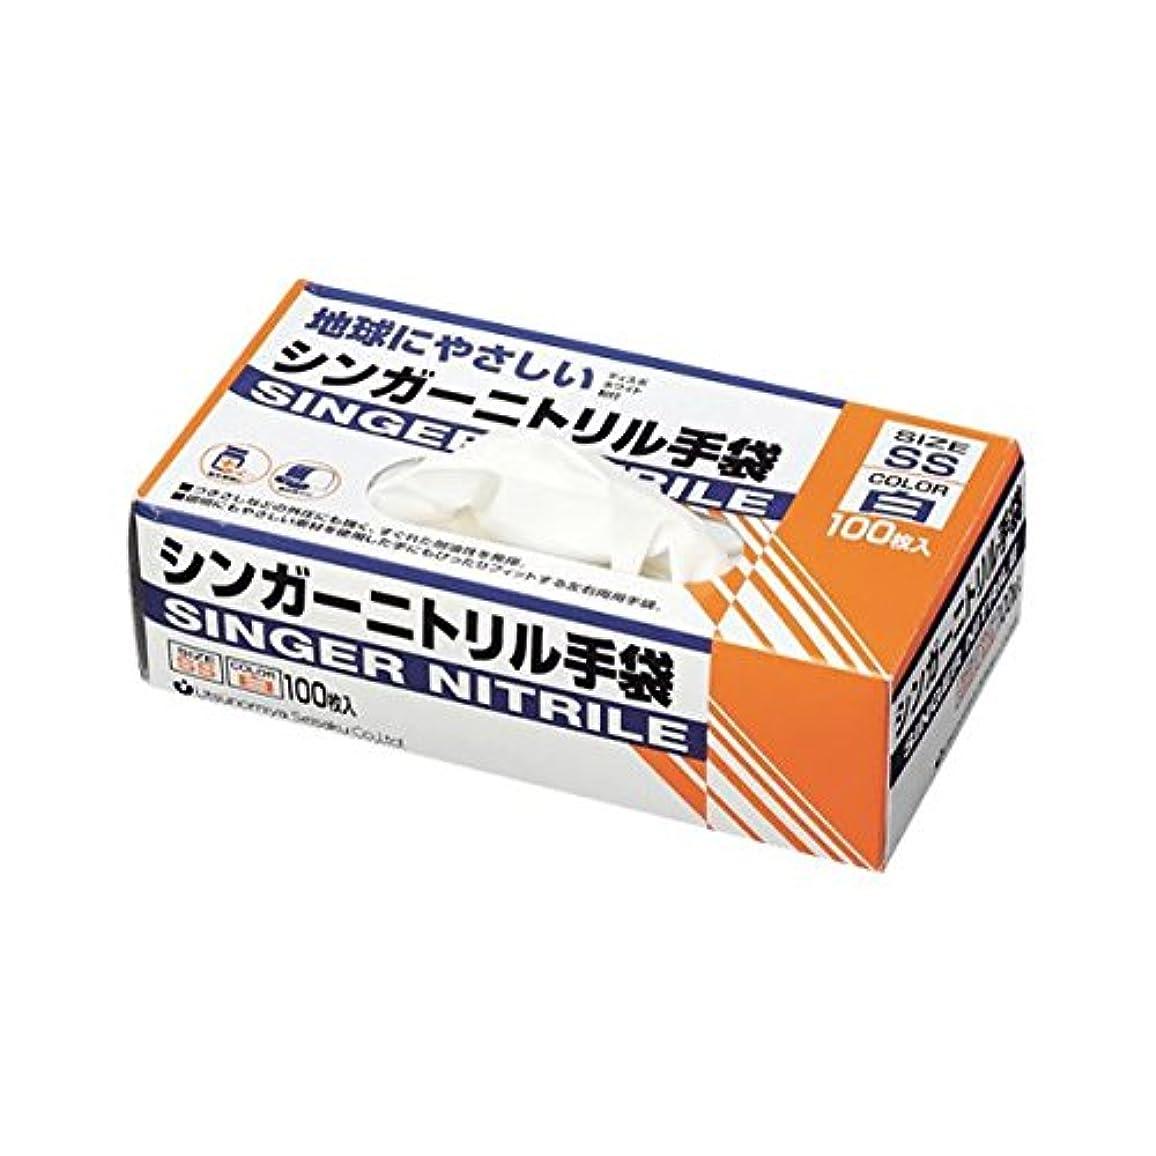 木たっぷりドック宇都宮製作 シンガーニトリルディスポNo.100粉付き シンガーニトリル100SS 白 100枚入 ×2セット